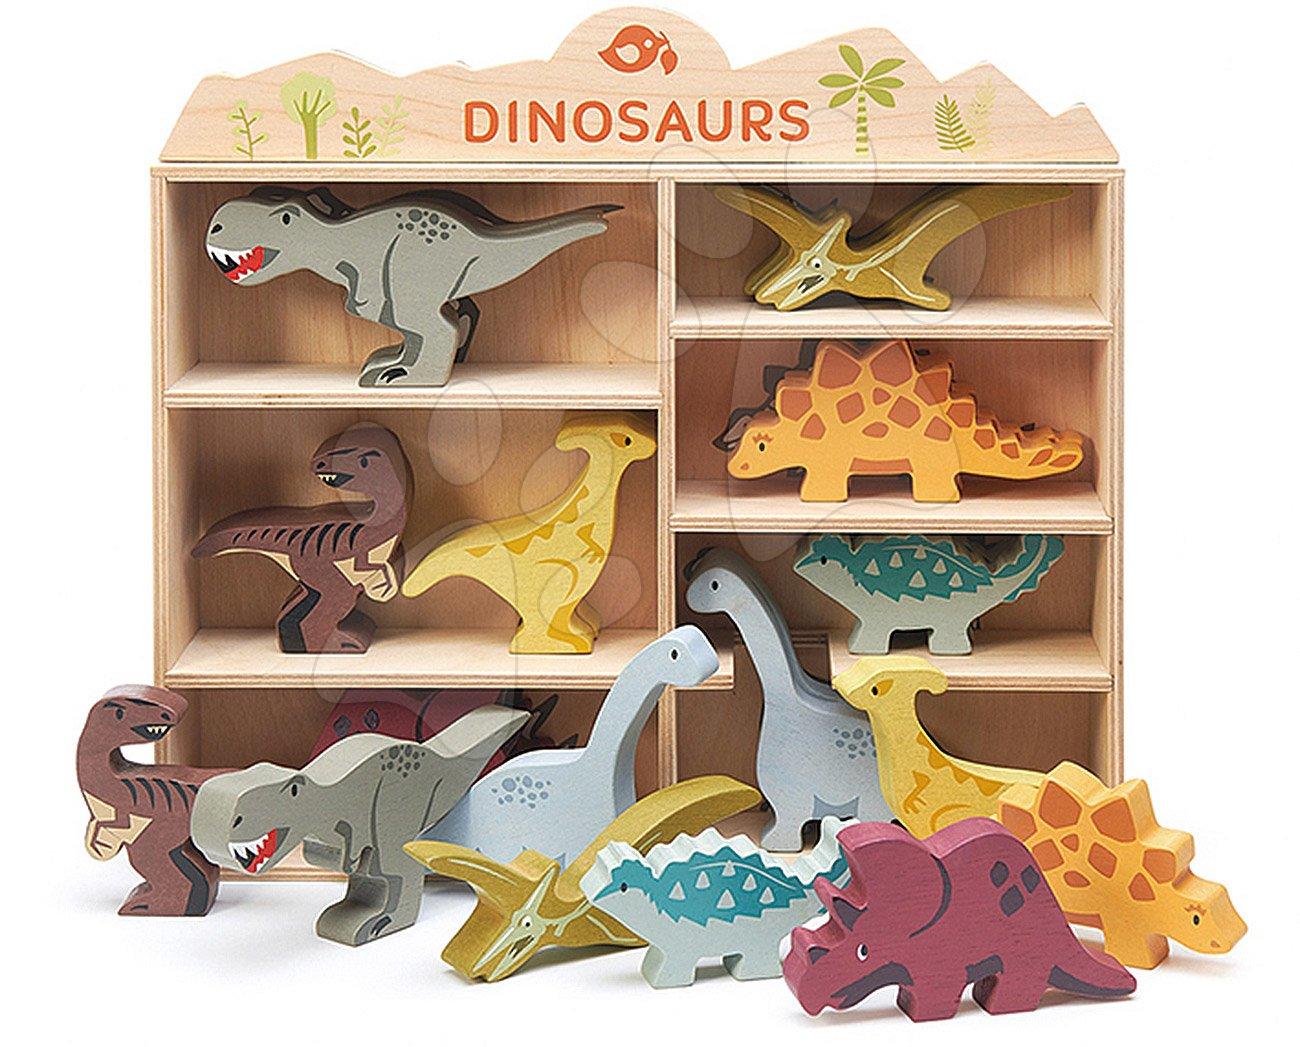 Drevené prehistorické zvieratá na poličke 24 ks Dinosaurs set Tender Leaf Toys